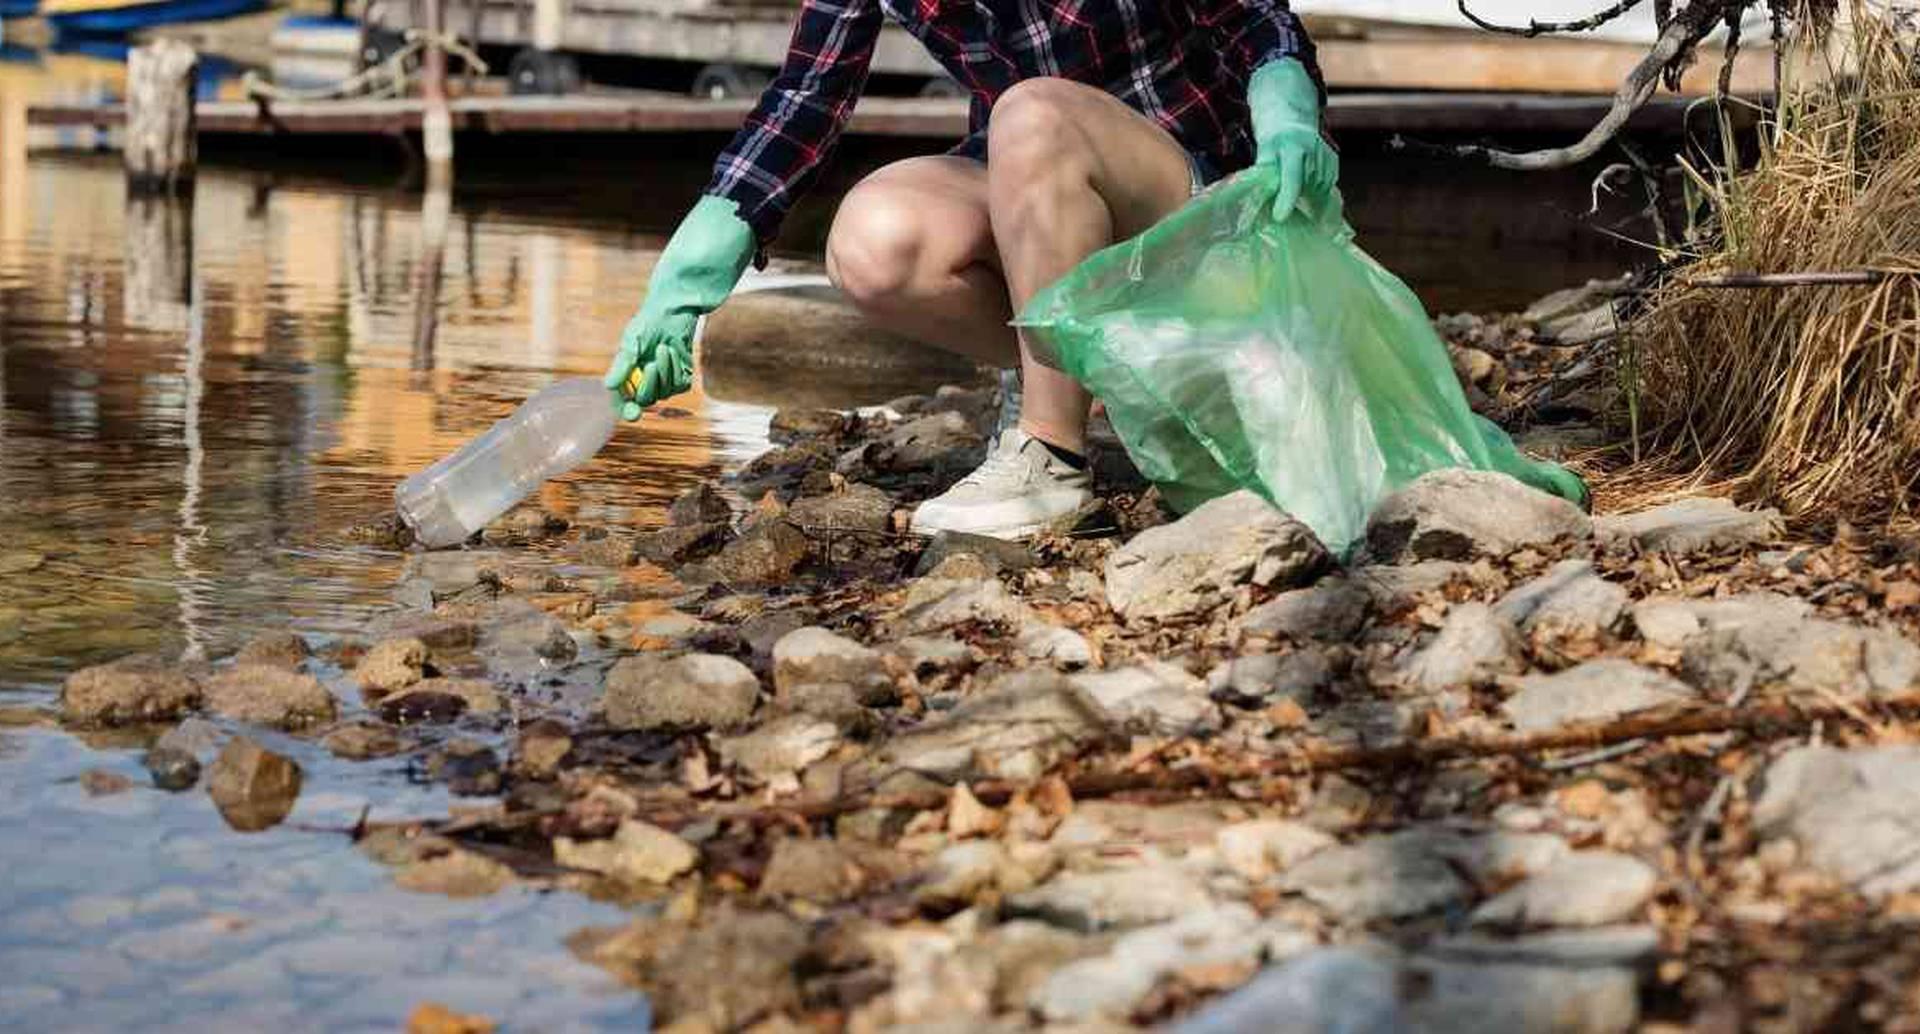 El plástico es uno de los mayores contaminantes de los ríos y mares en el mundo.  Foto: Pixabay.